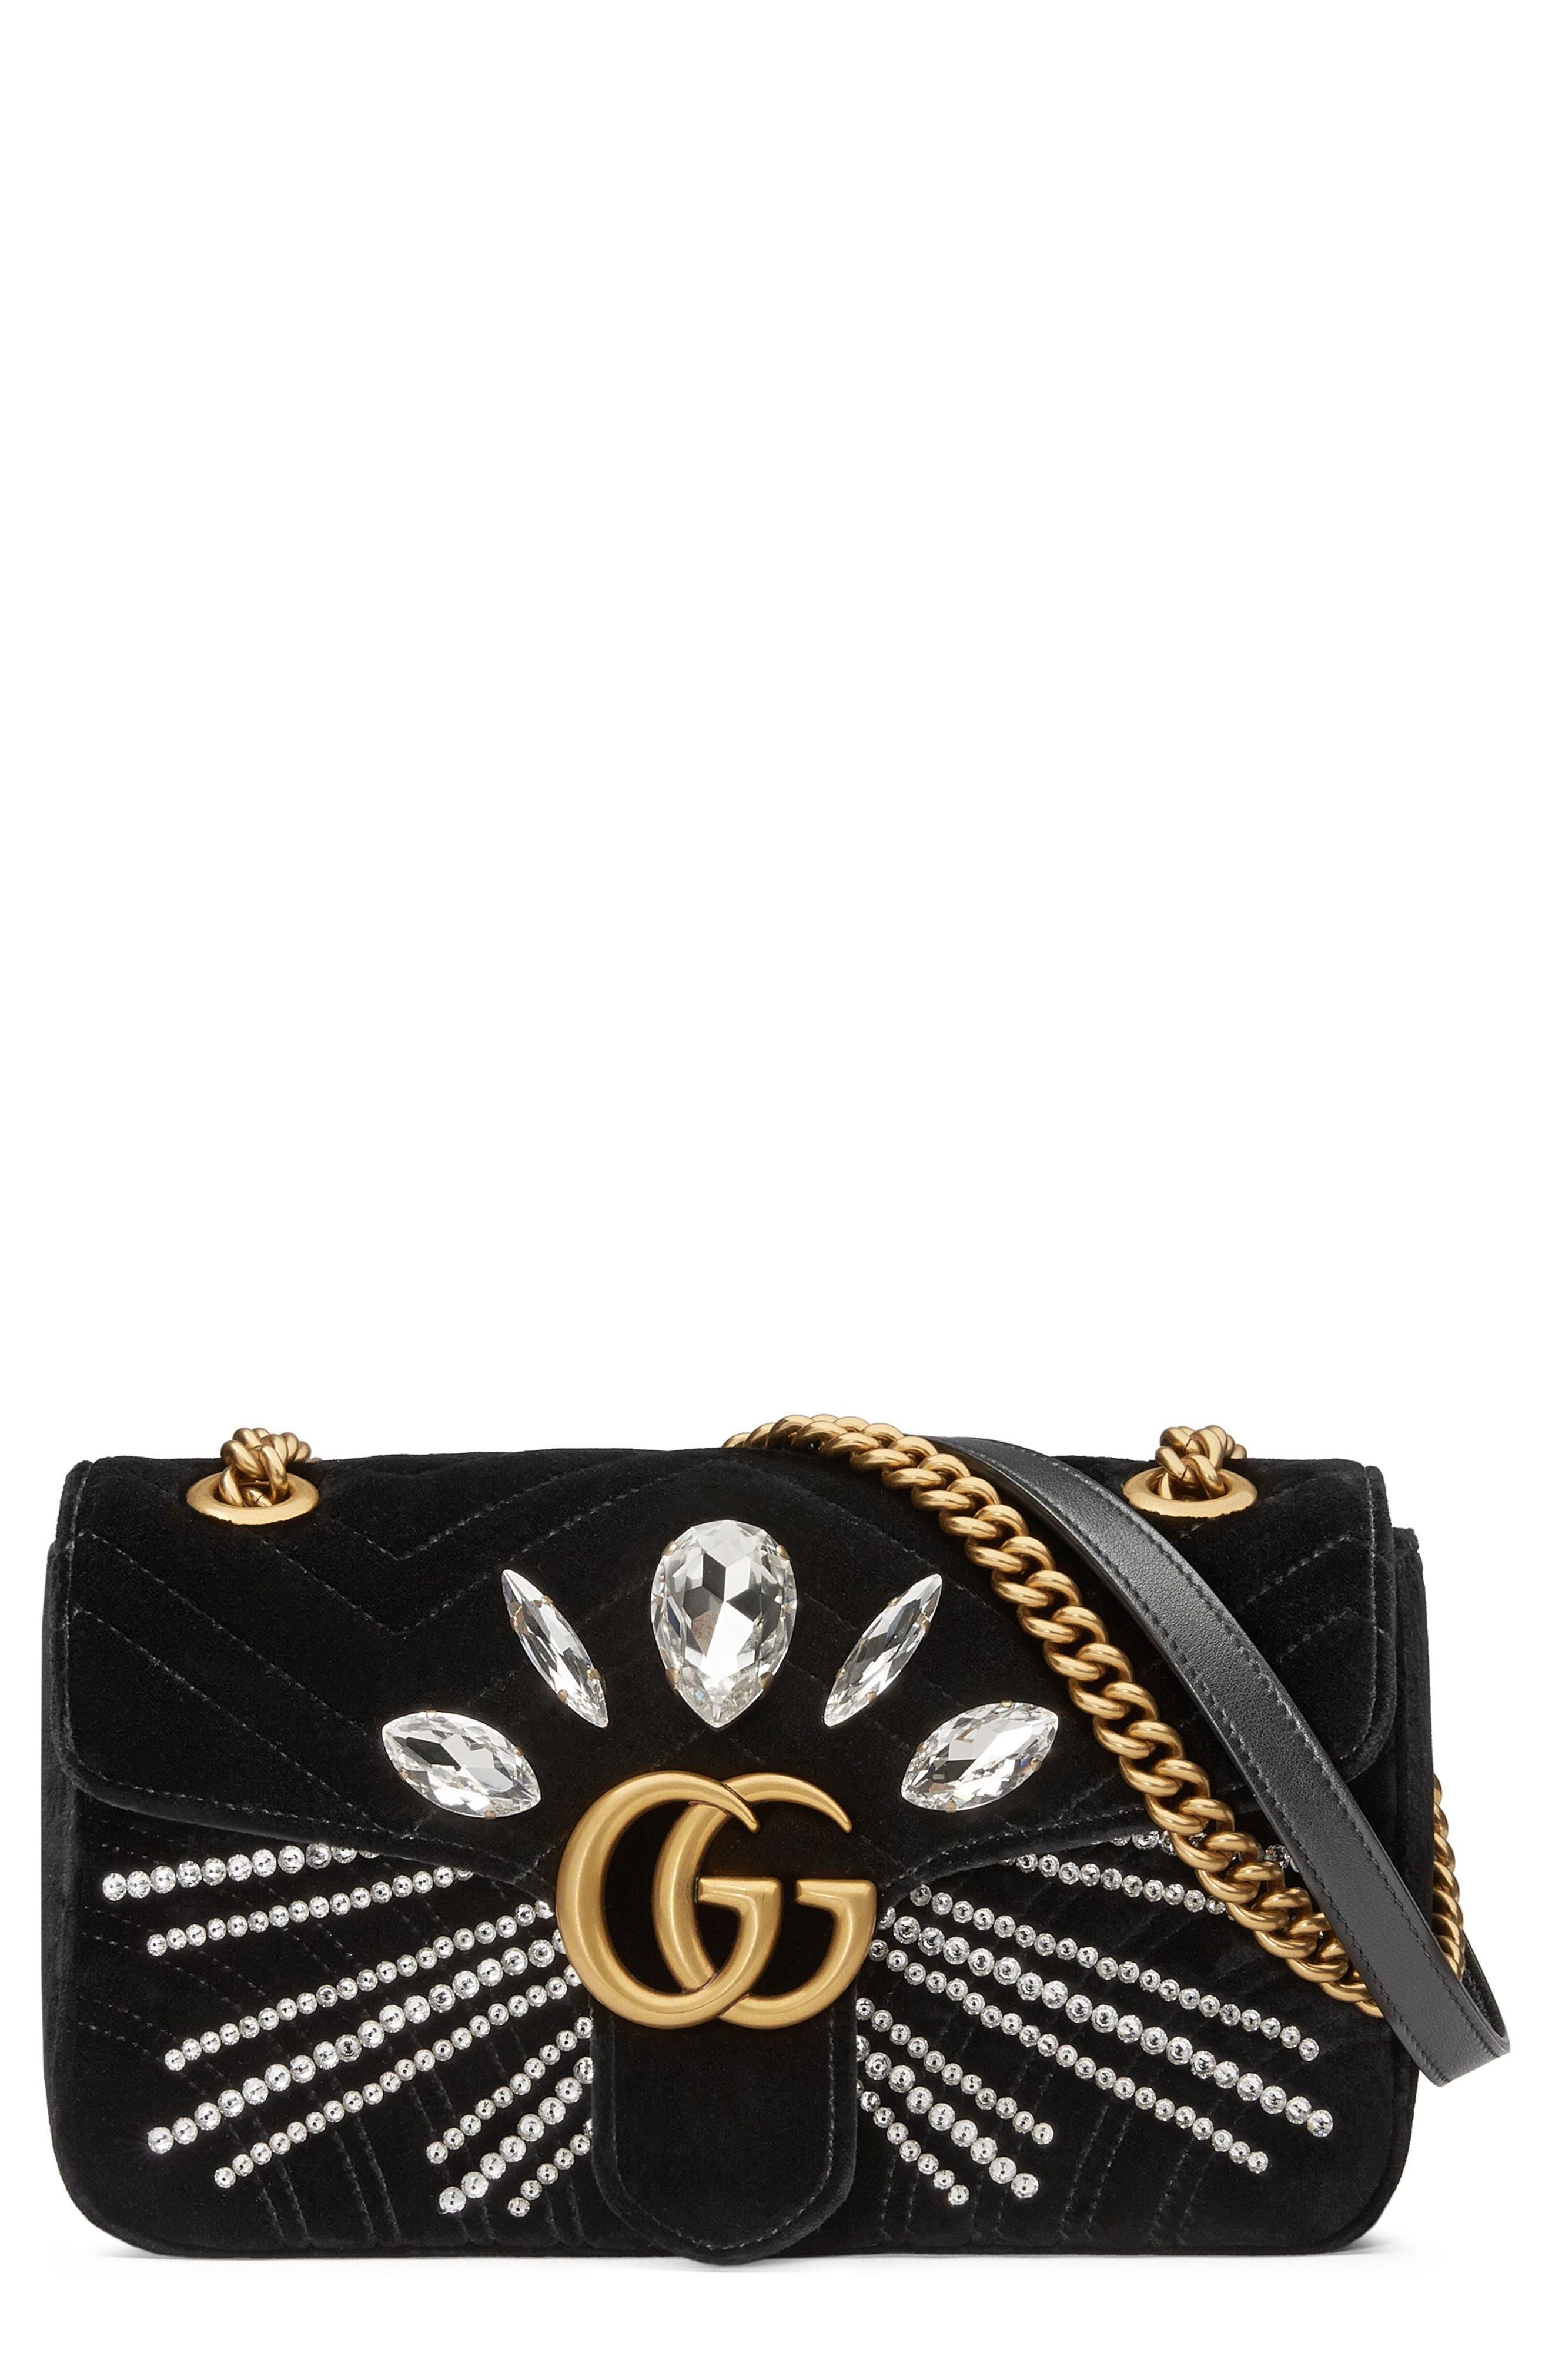 Alternate Image 1 Selected - Gucci GG Marmont 2.0 Crystal Embellished Velvet Crossbody Bag